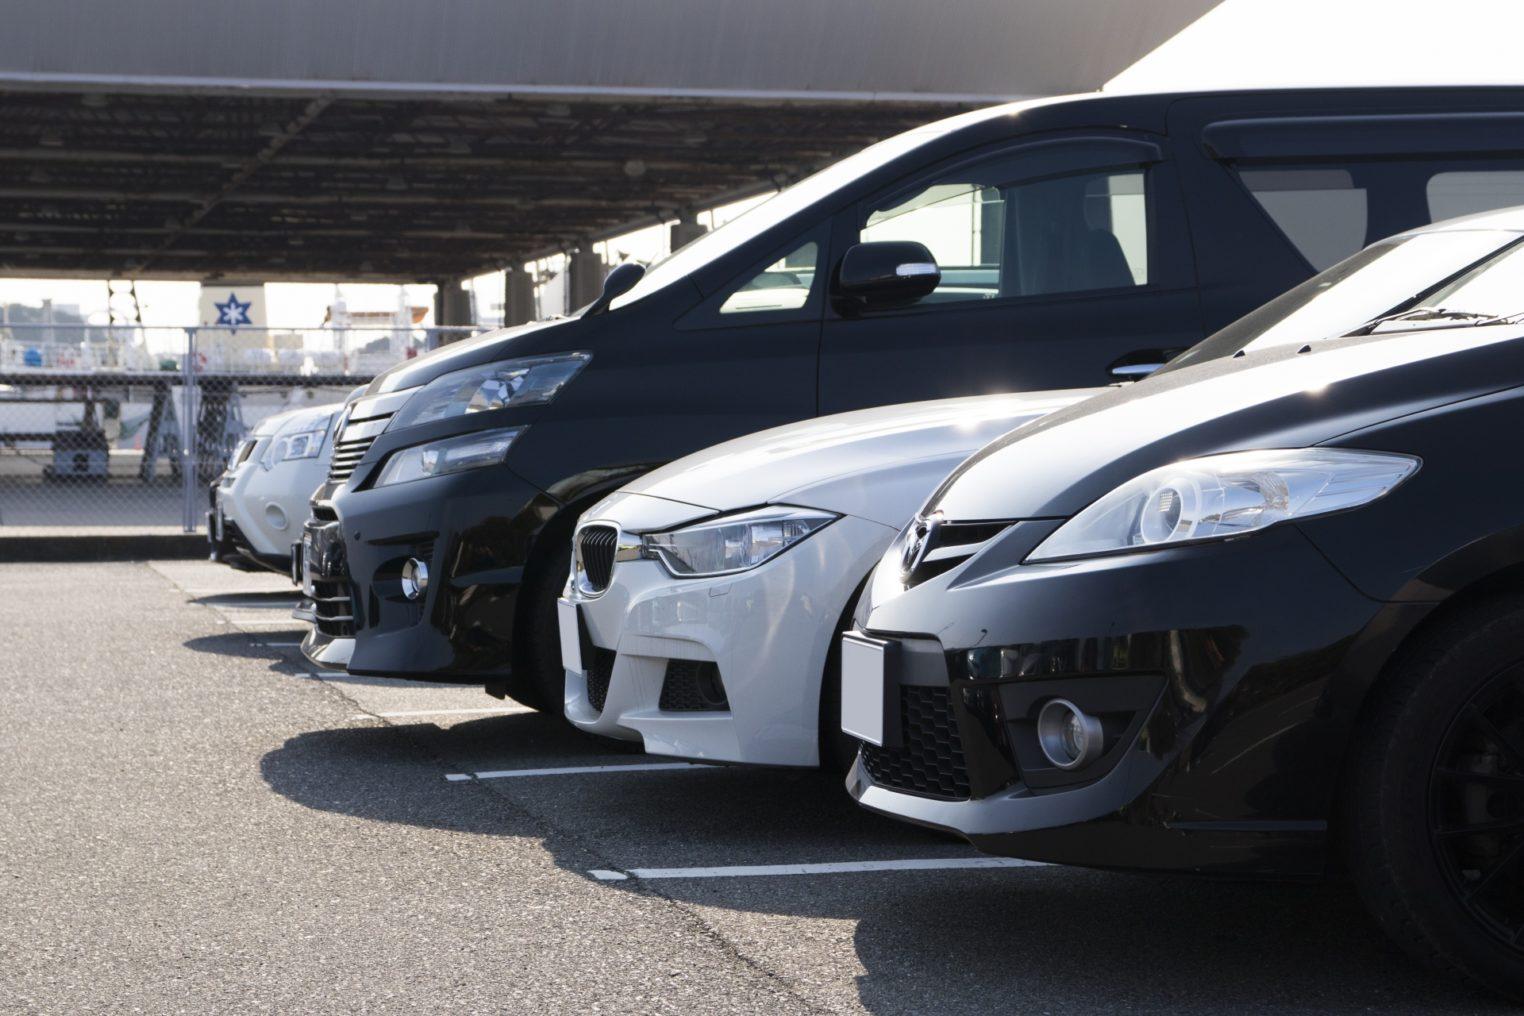 空いた時間に貸し出せる駐車場シェアリング 手軽さから利用者は増加傾向